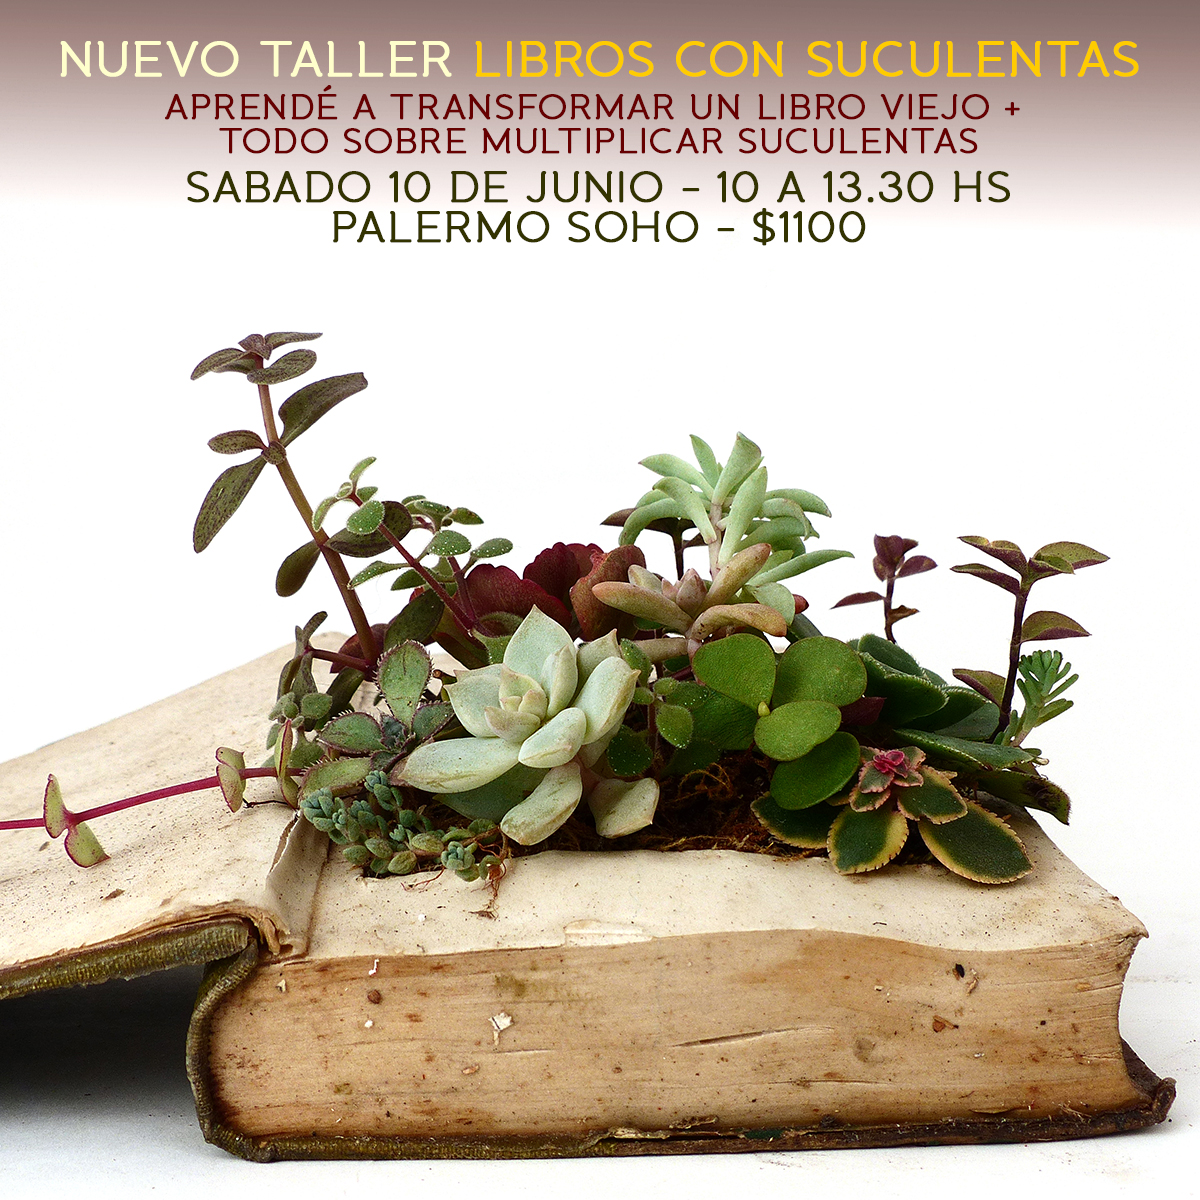 flyer LIBRO TALLER